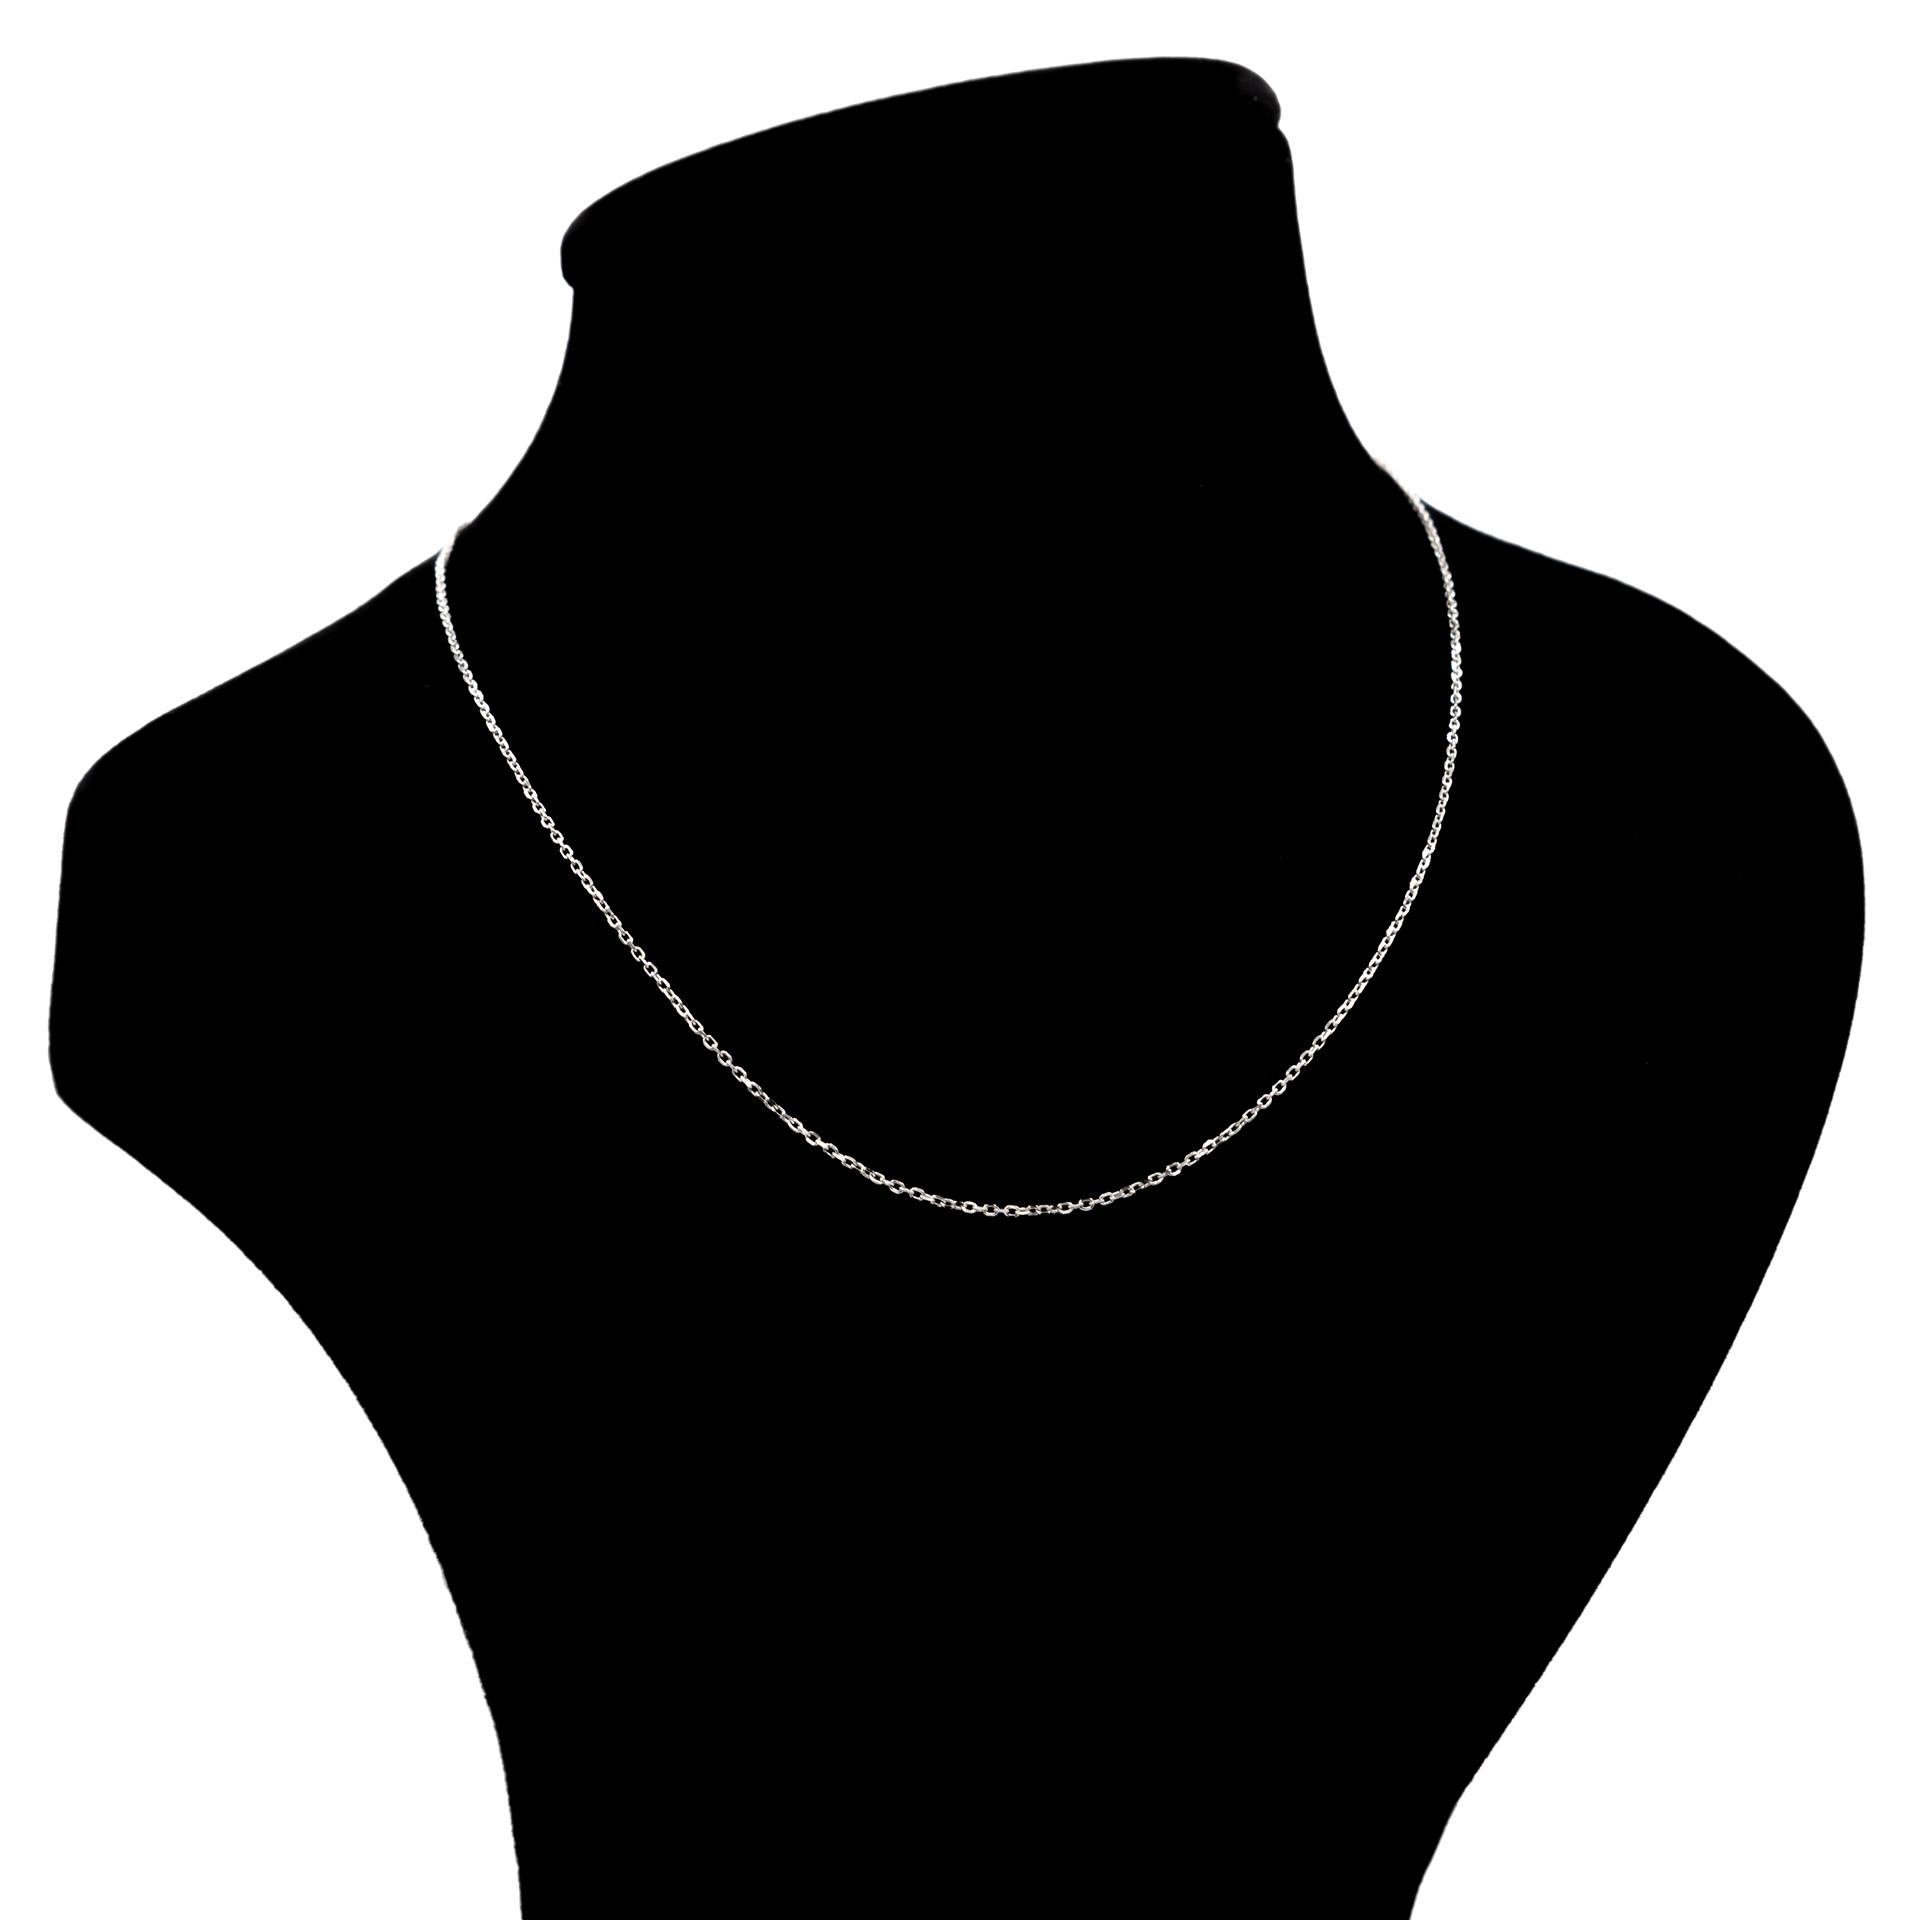 زنجیر نقره بهارگالری مدل Silver Link Chain کد 45